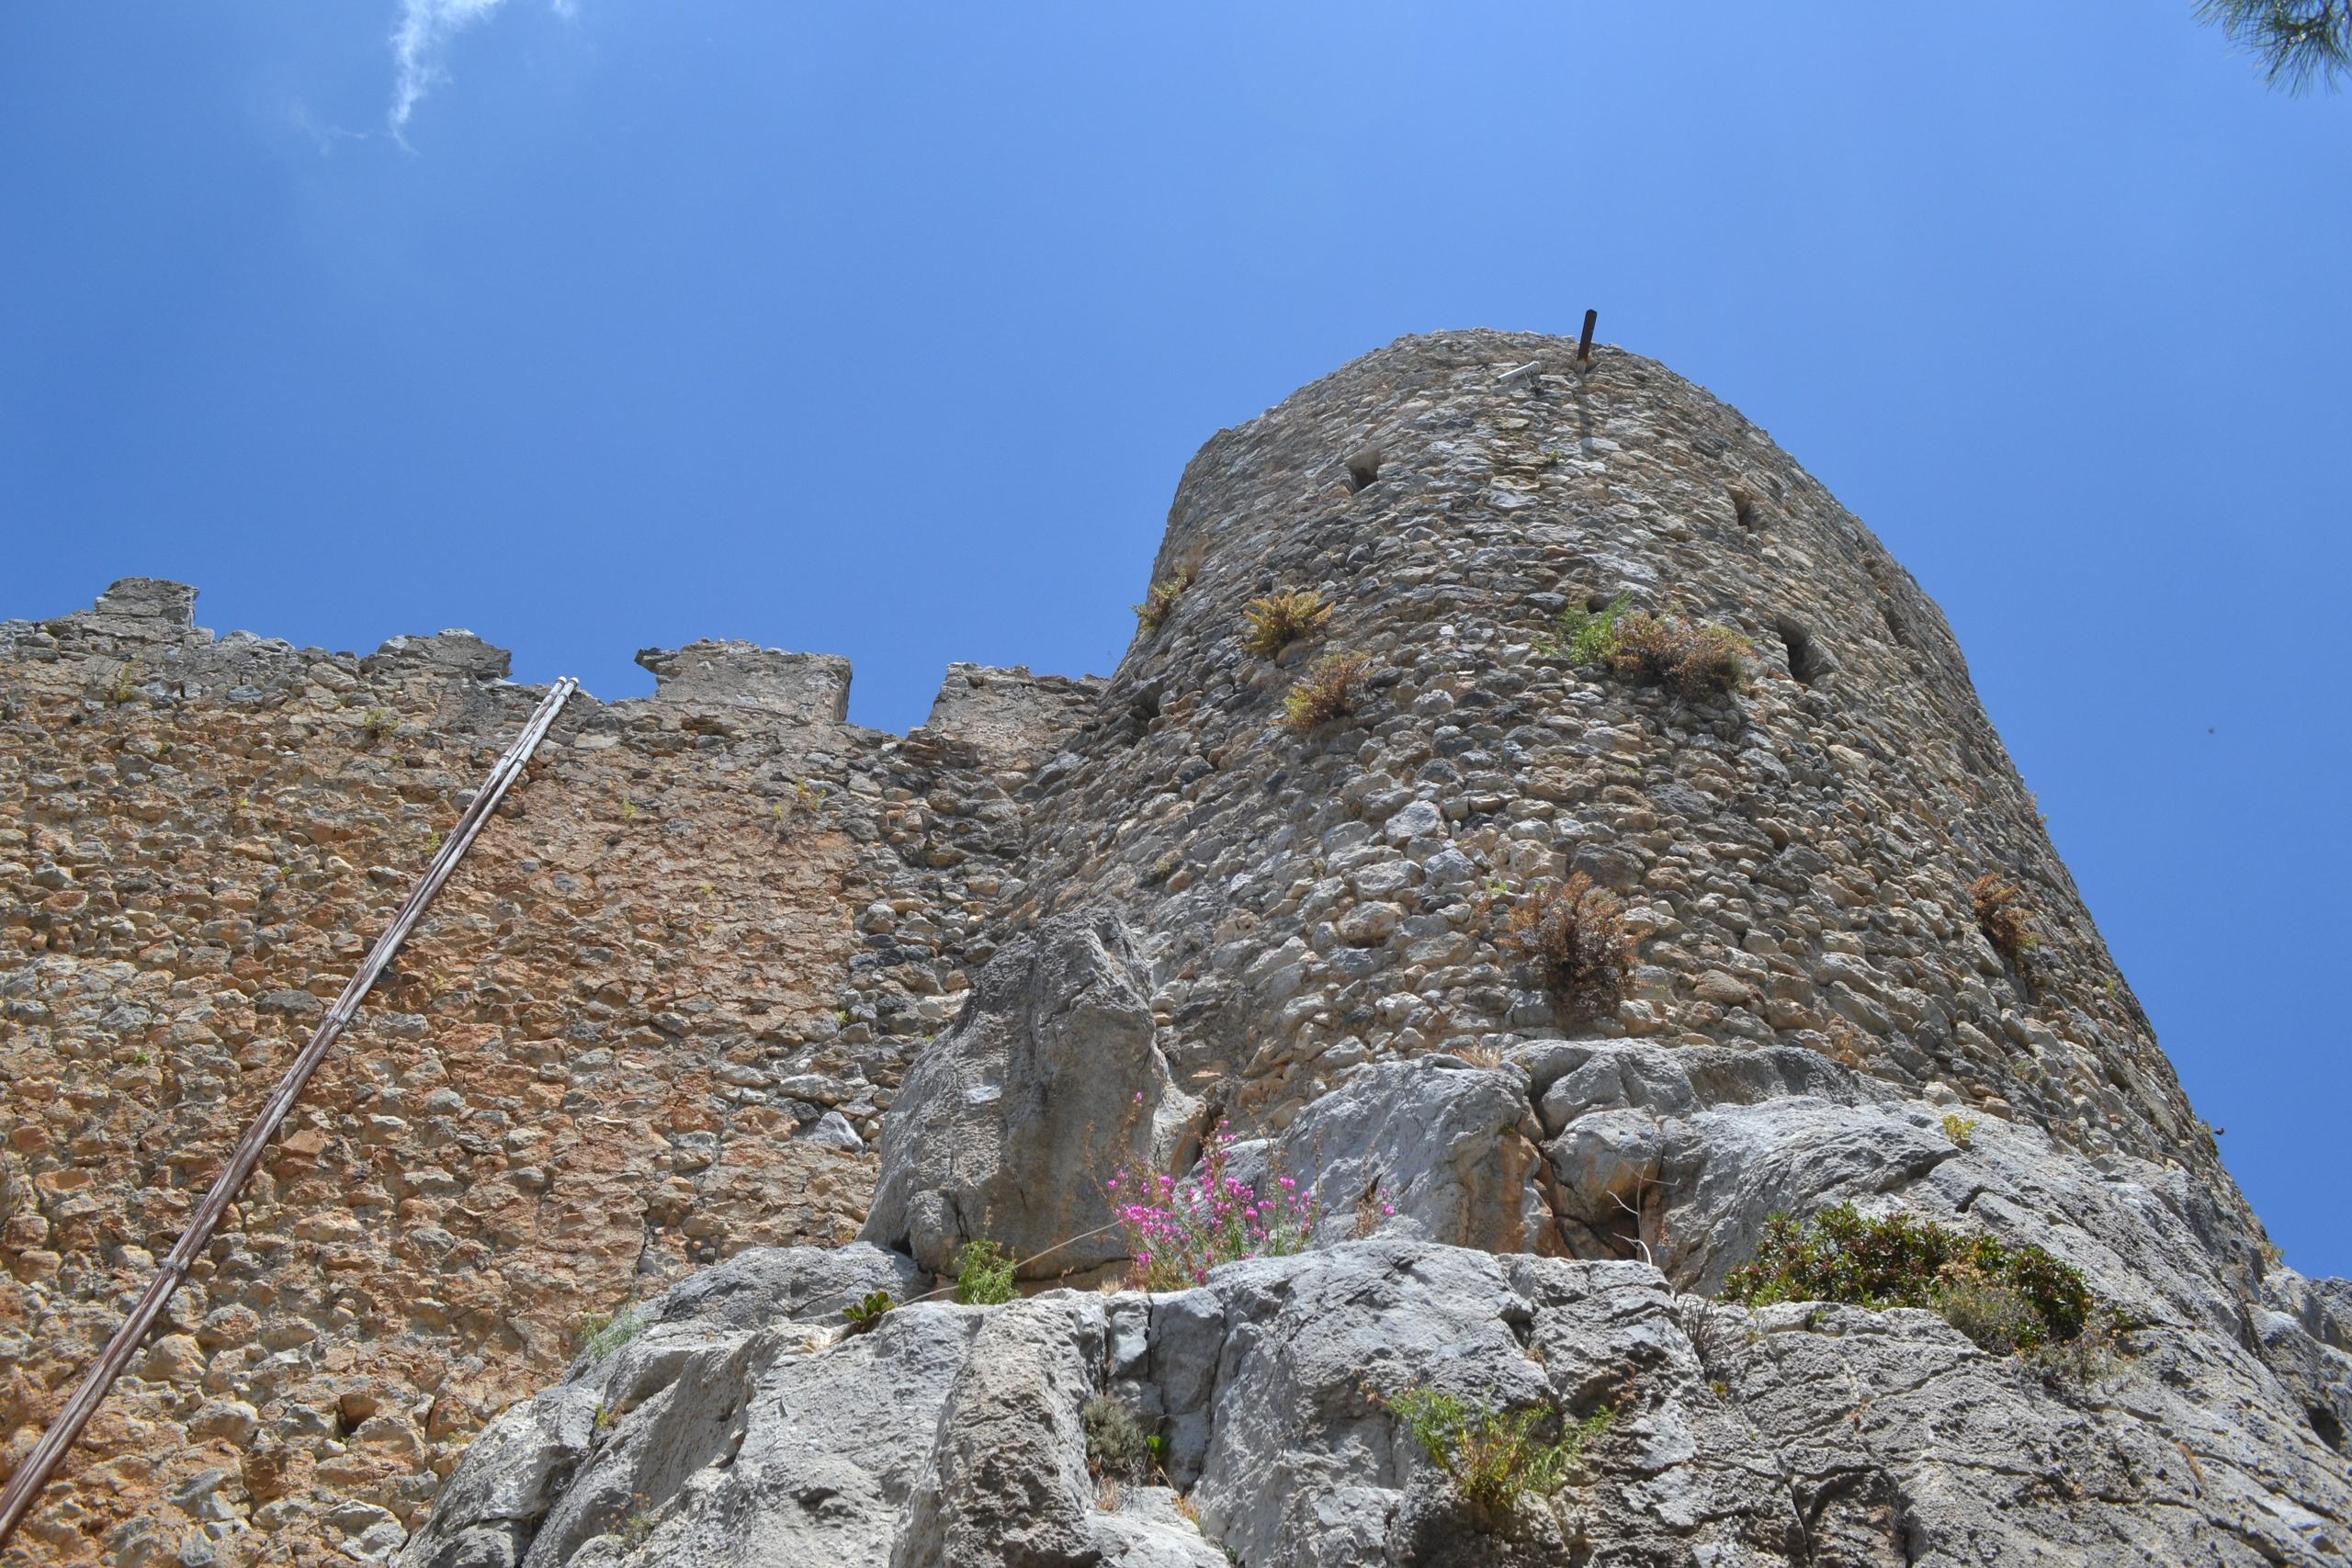 Северный Кипр. Замок Святого Иллариона. (фото). TdtRMnl5MhM